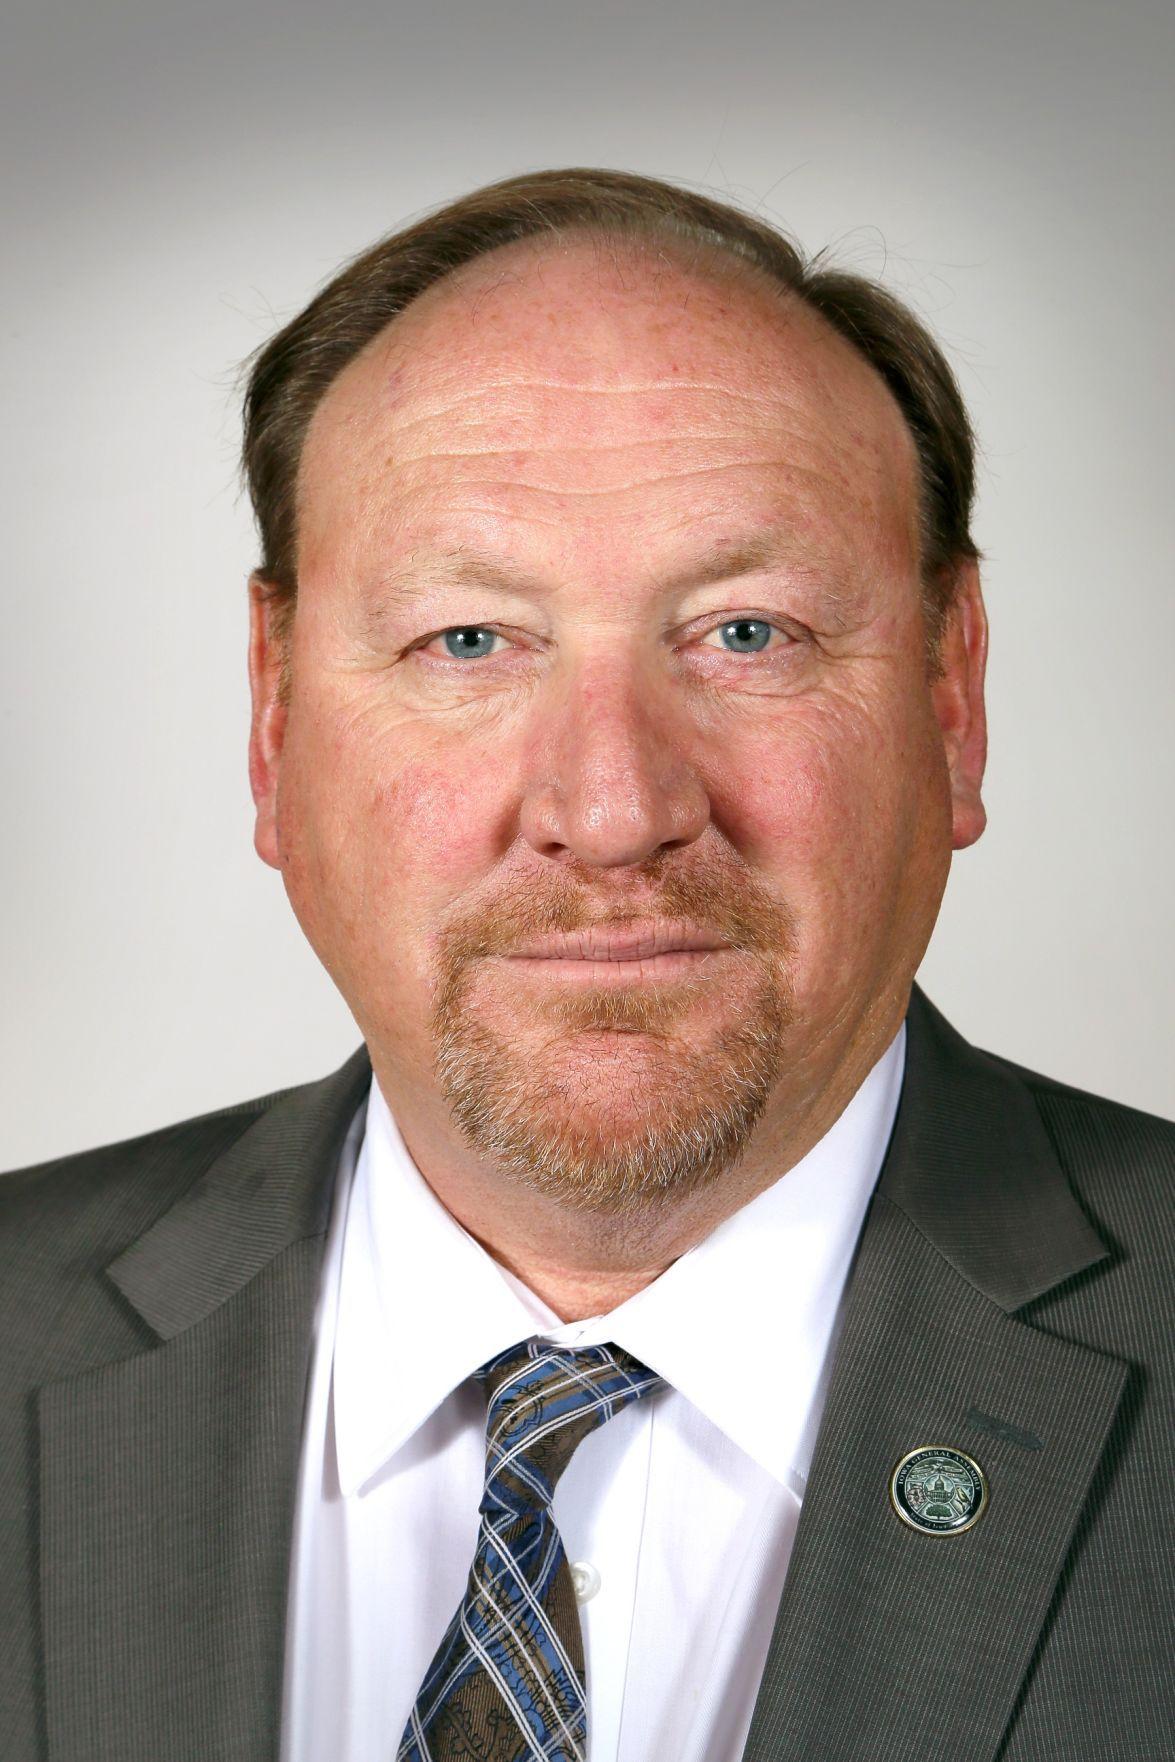 Iowa state Sen. Tim Kapucian